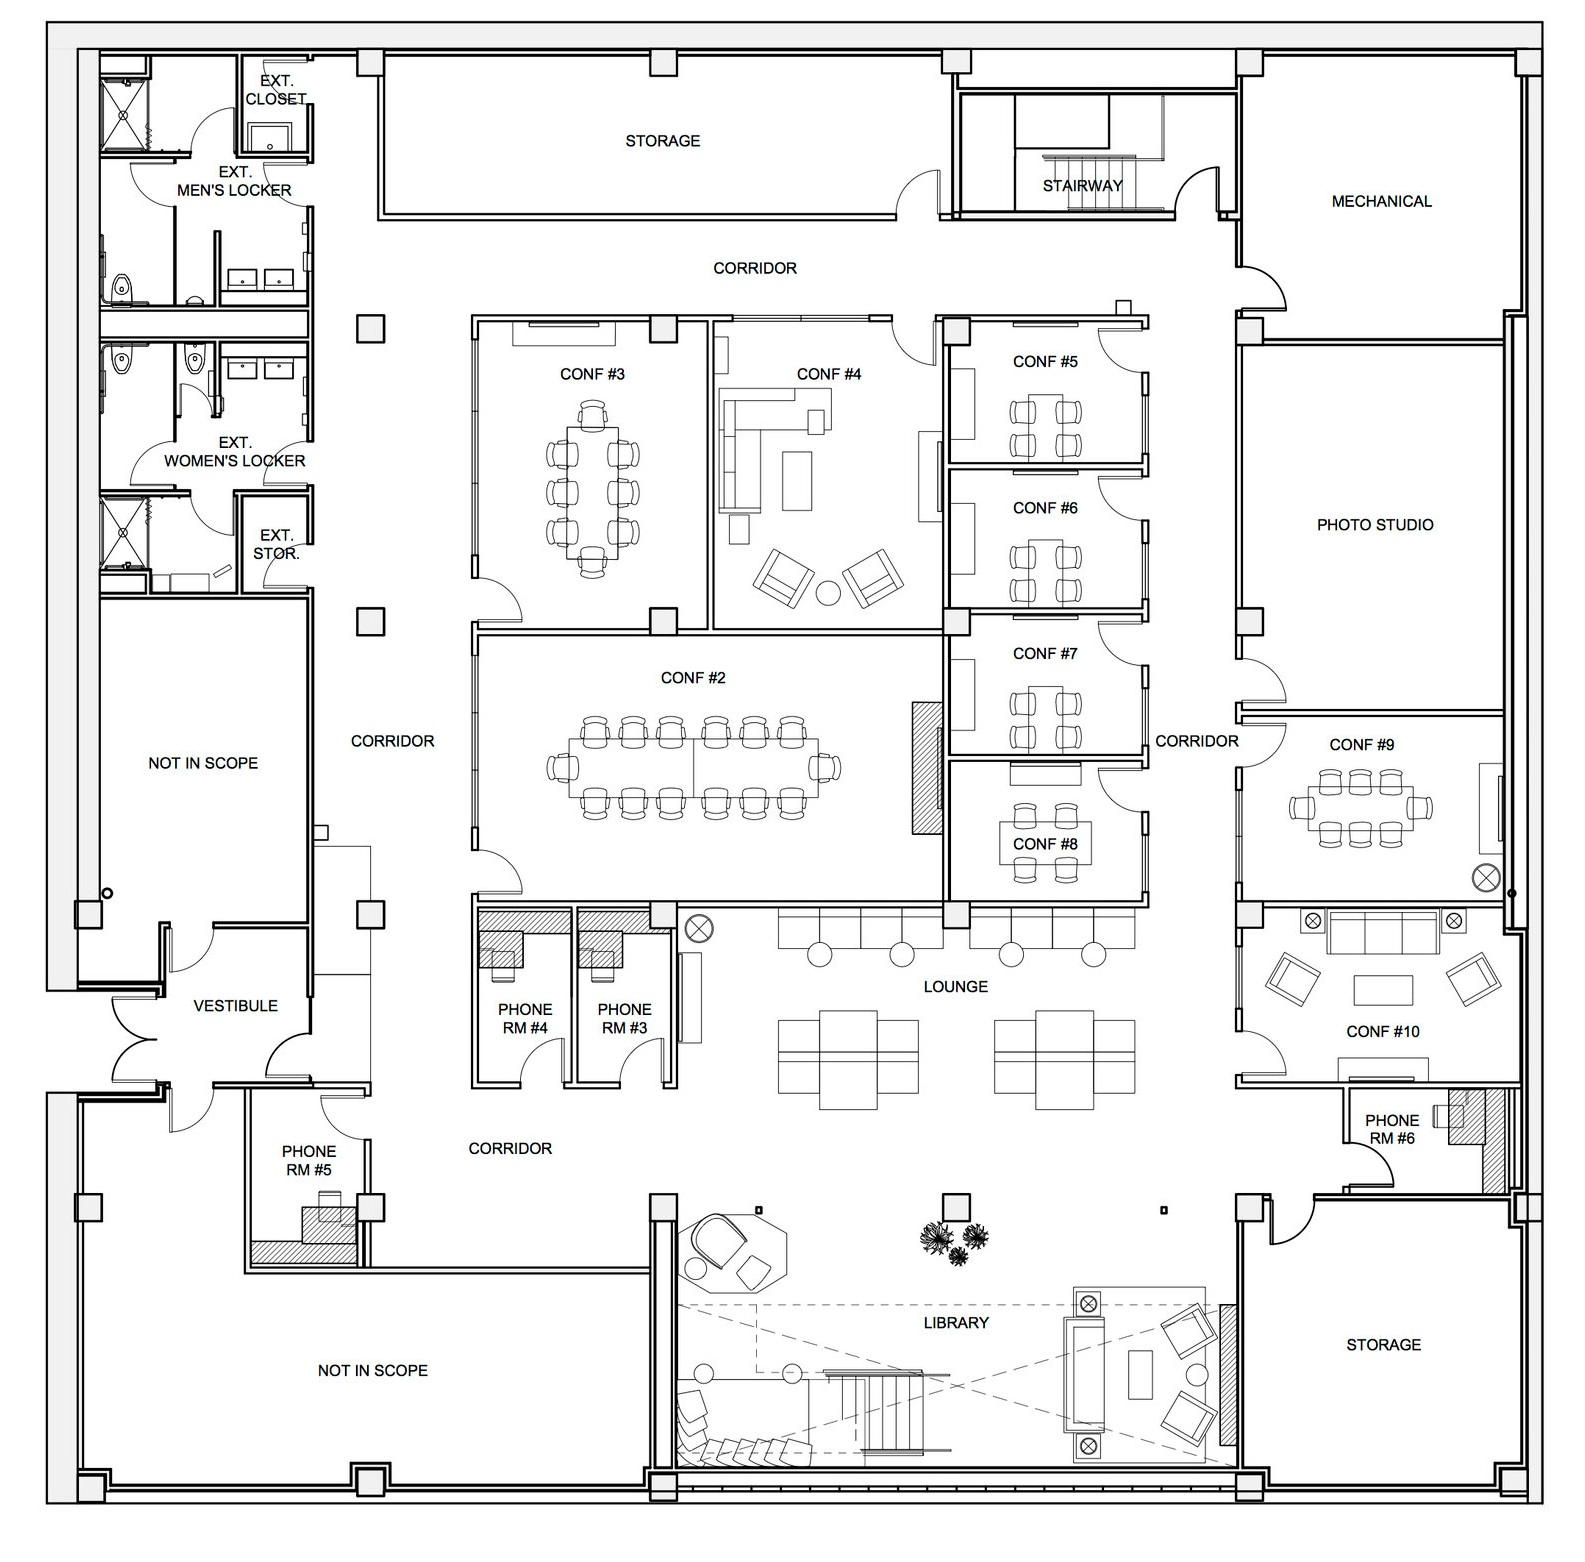 WORK%26CO_Lower+Level+Floor+Plan.jpg